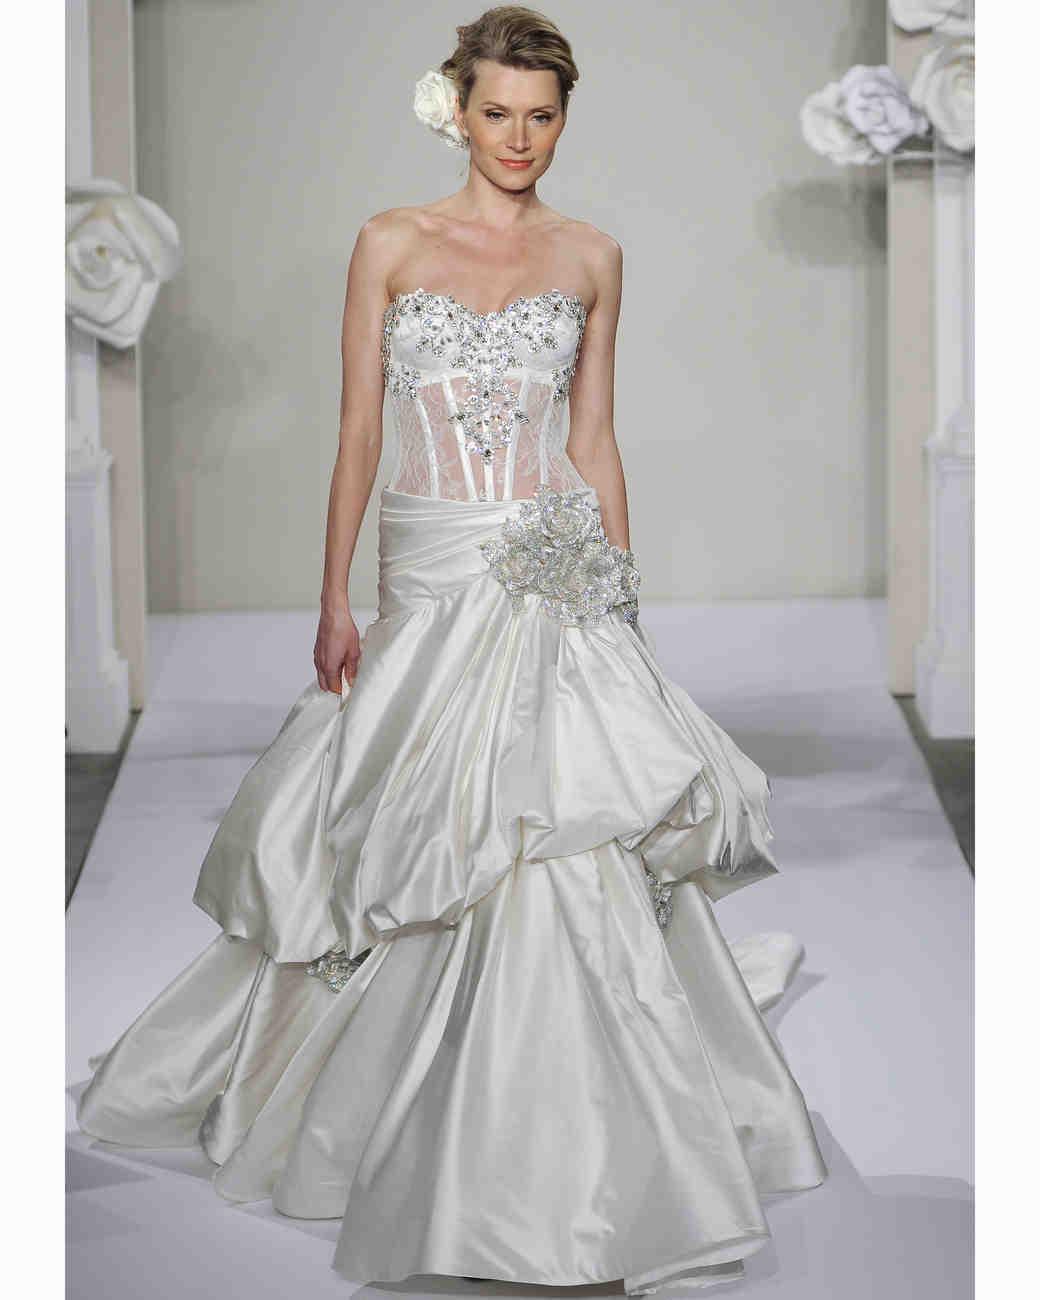 Ball Gown Pnina Tornai For Kleinfeld: Kleinfeld Wedding Dresses Pnina Tornais Area At Reisefeber.org